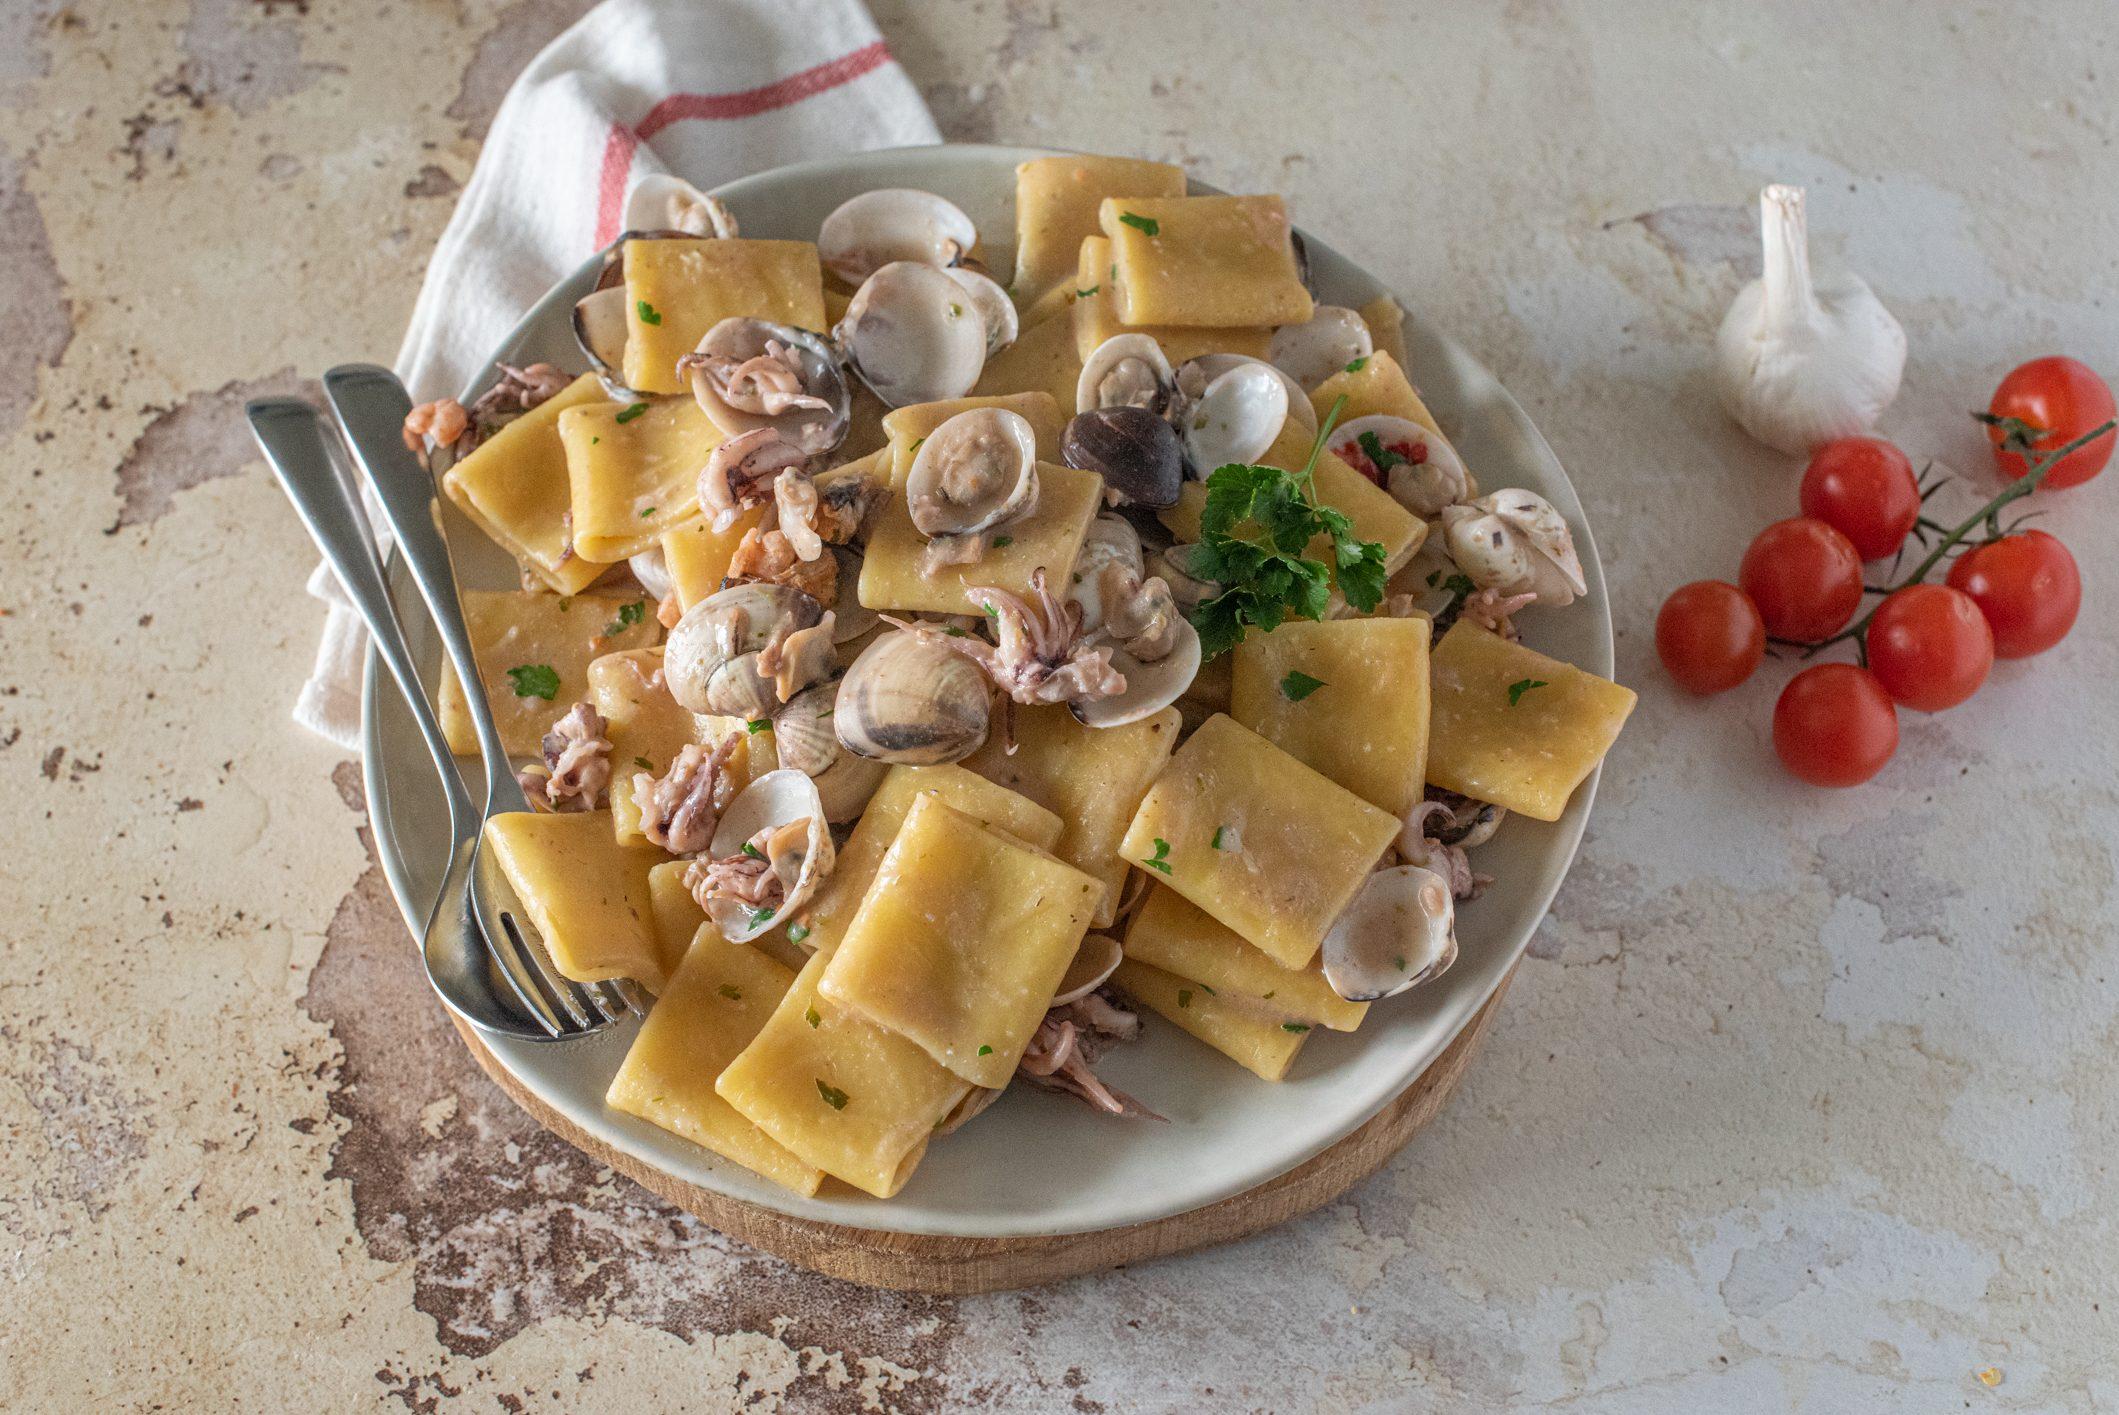 Paccheri al ragù bianco di pesce: la ricetta del piatto gustoso e fragrante